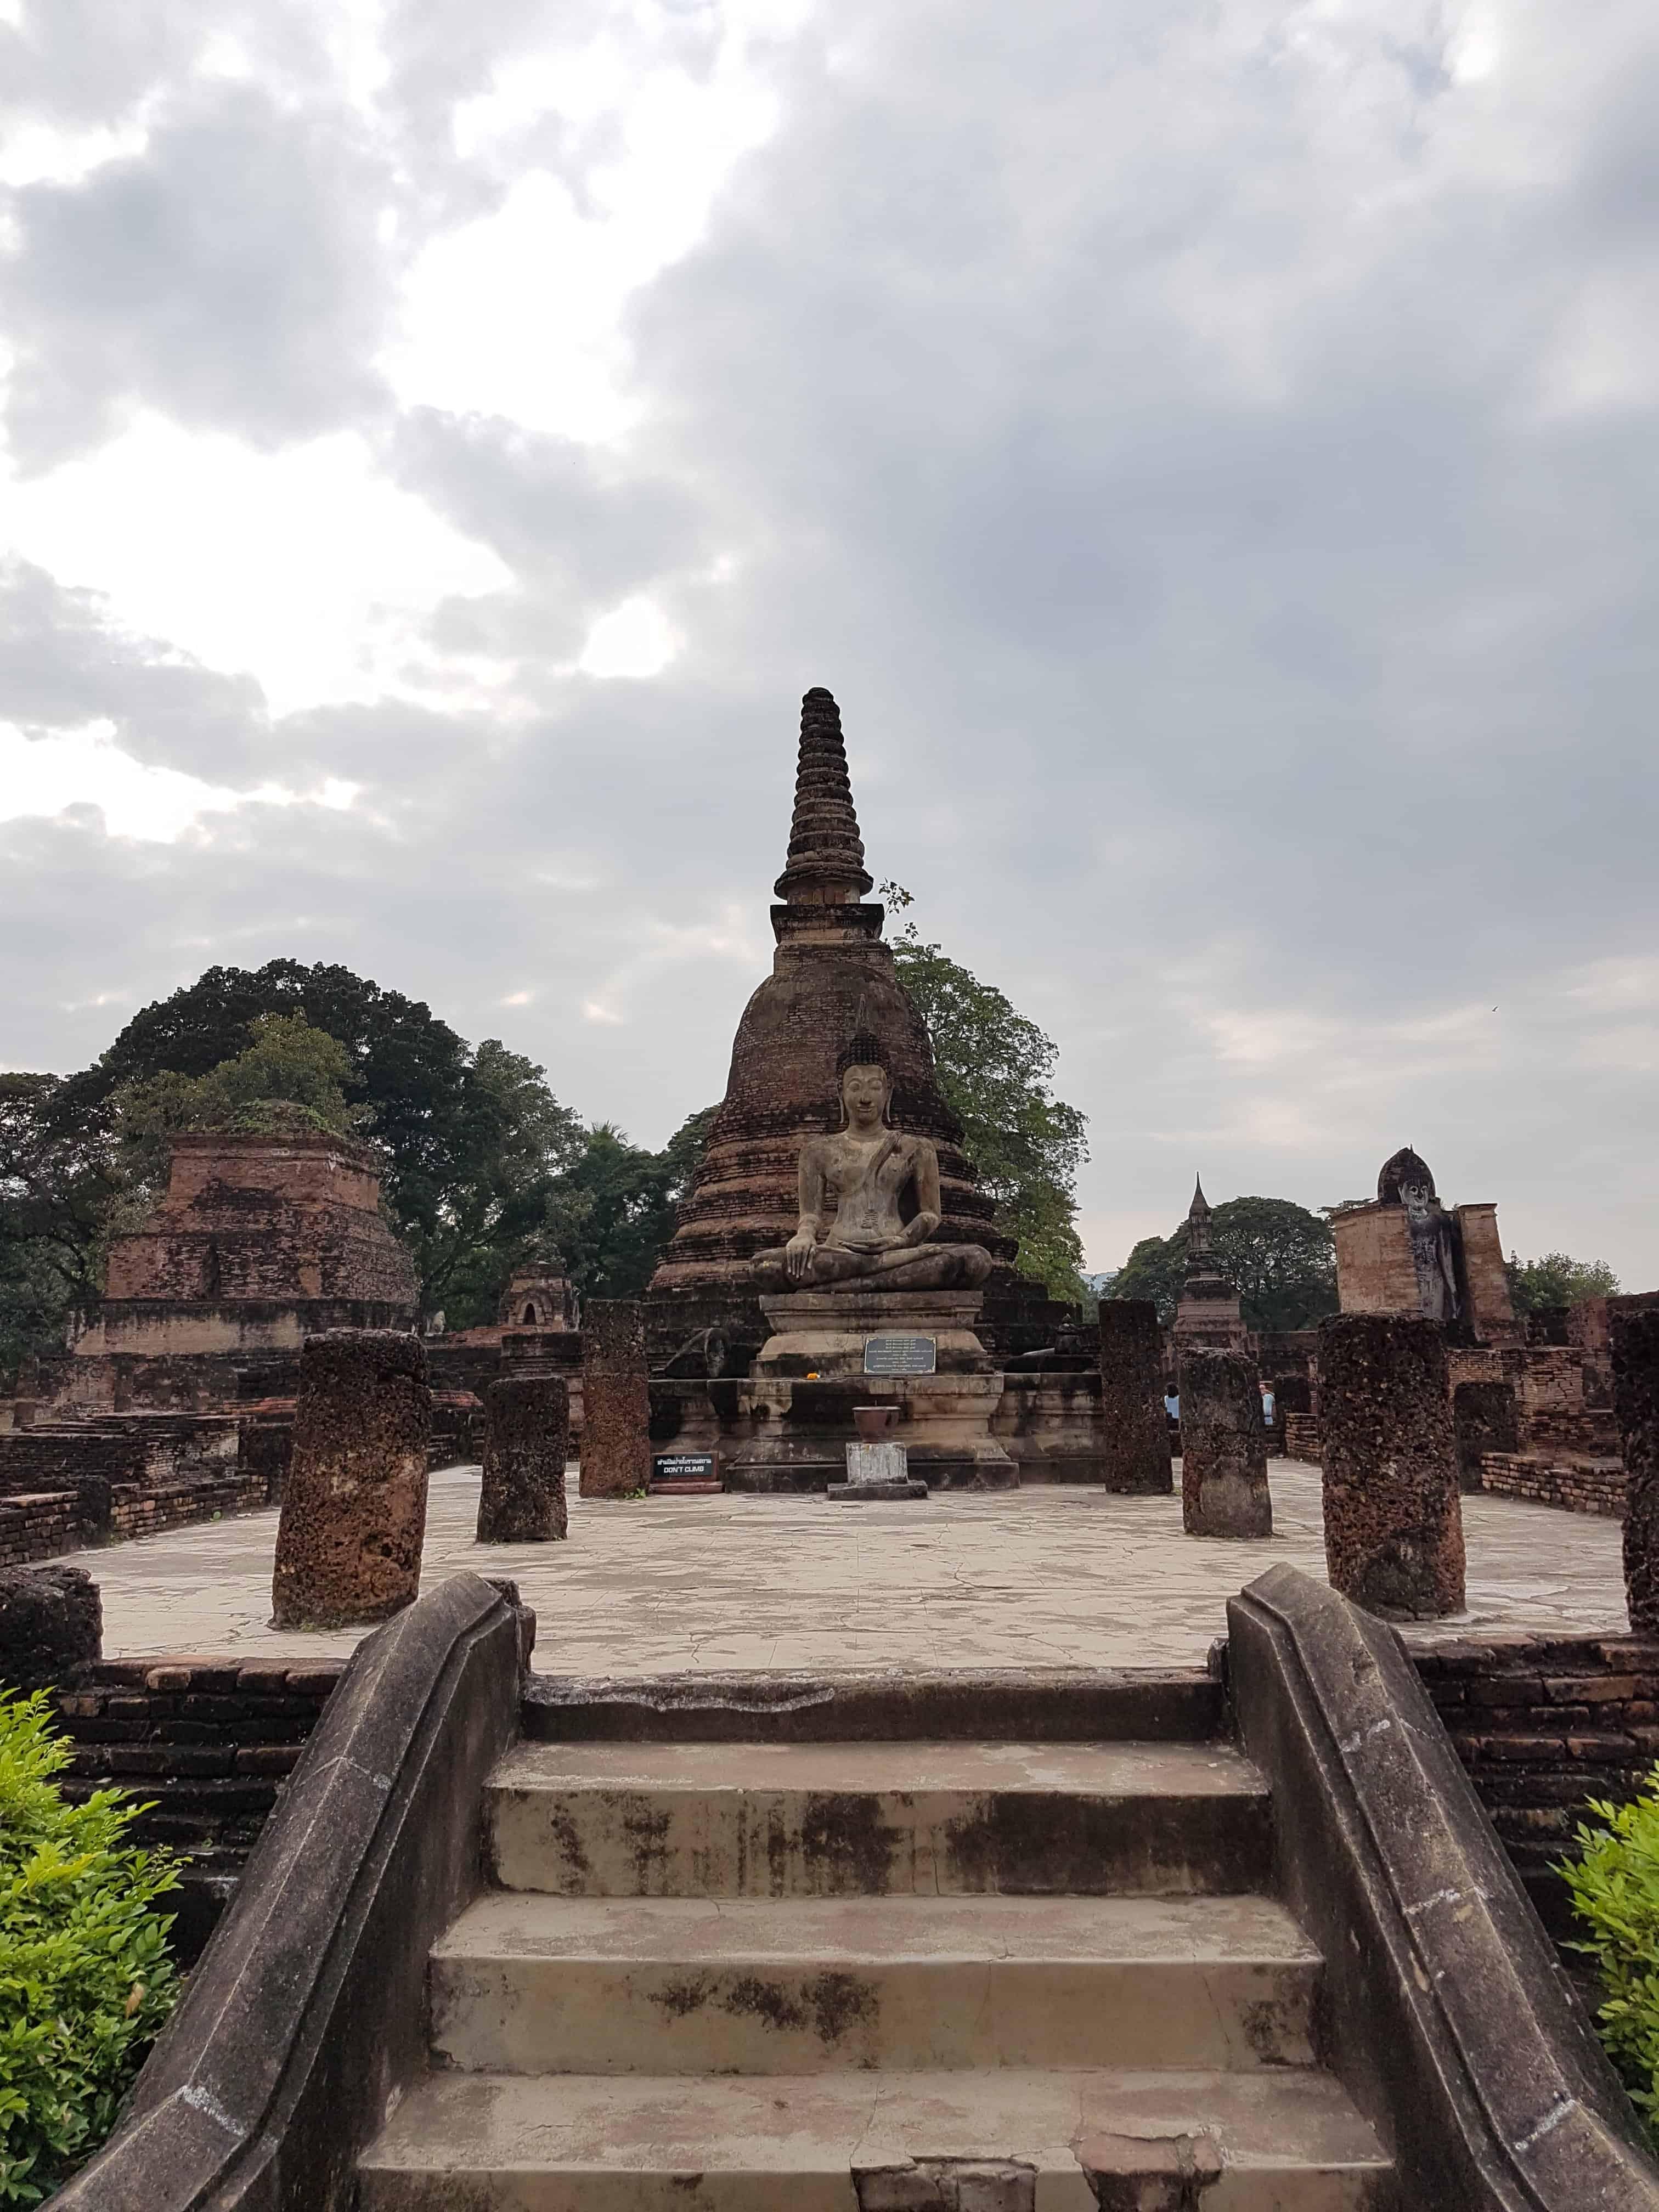 Thaïlande, visite du parc de Sukhothaï 🛕 4